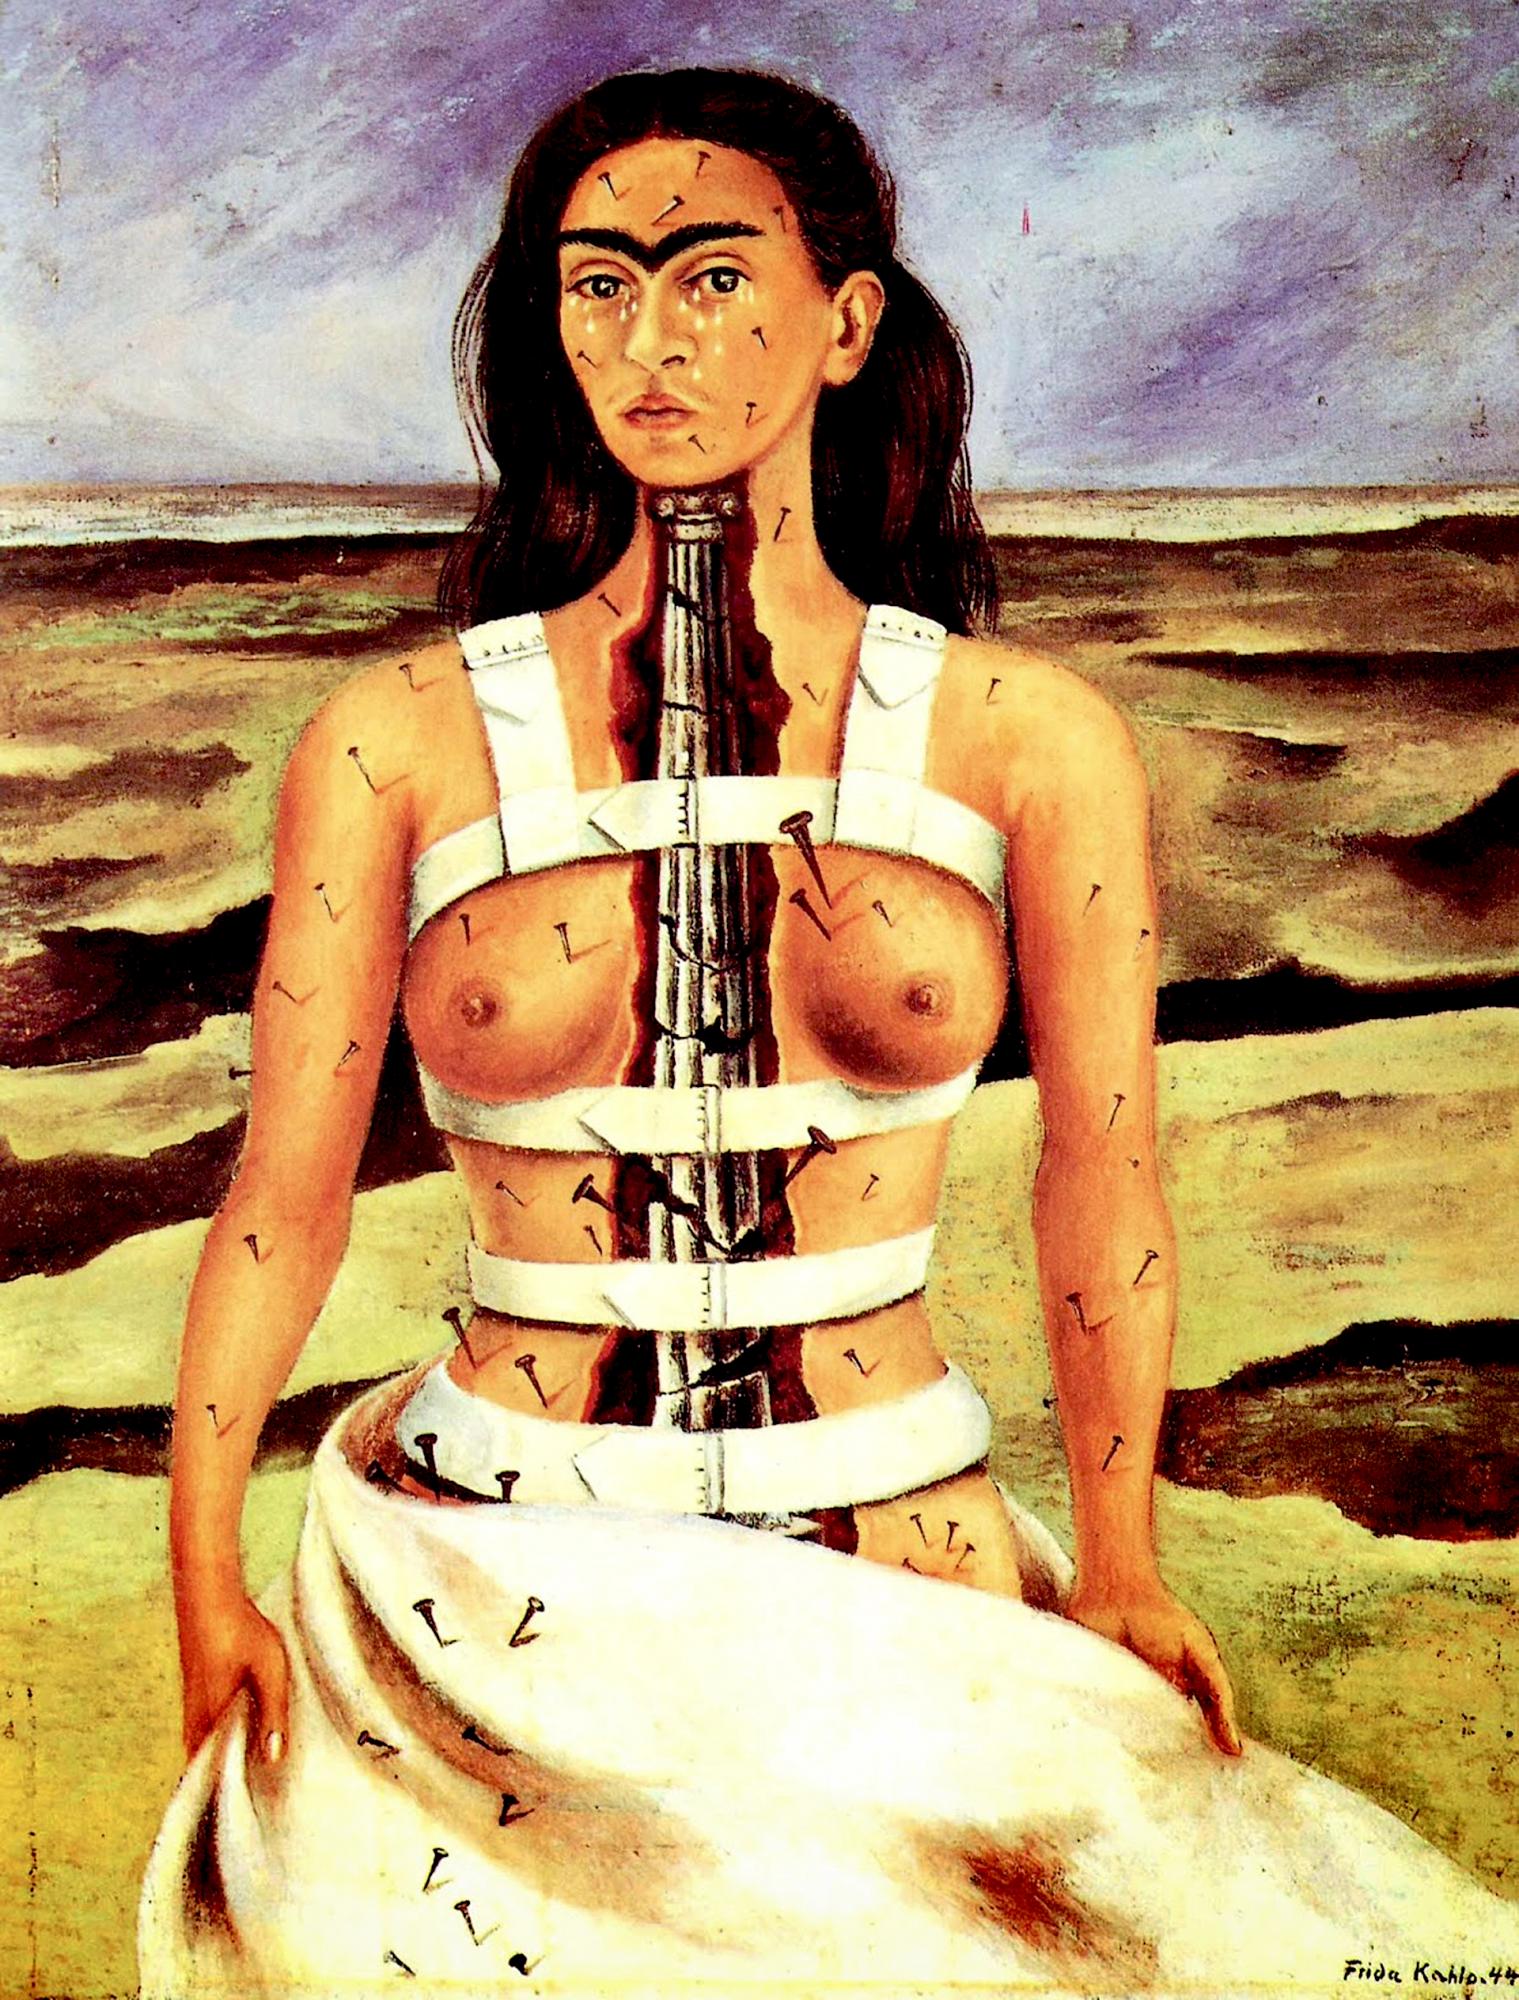 La columna rota - Frida Kahlo - Historia Arte (HA!)